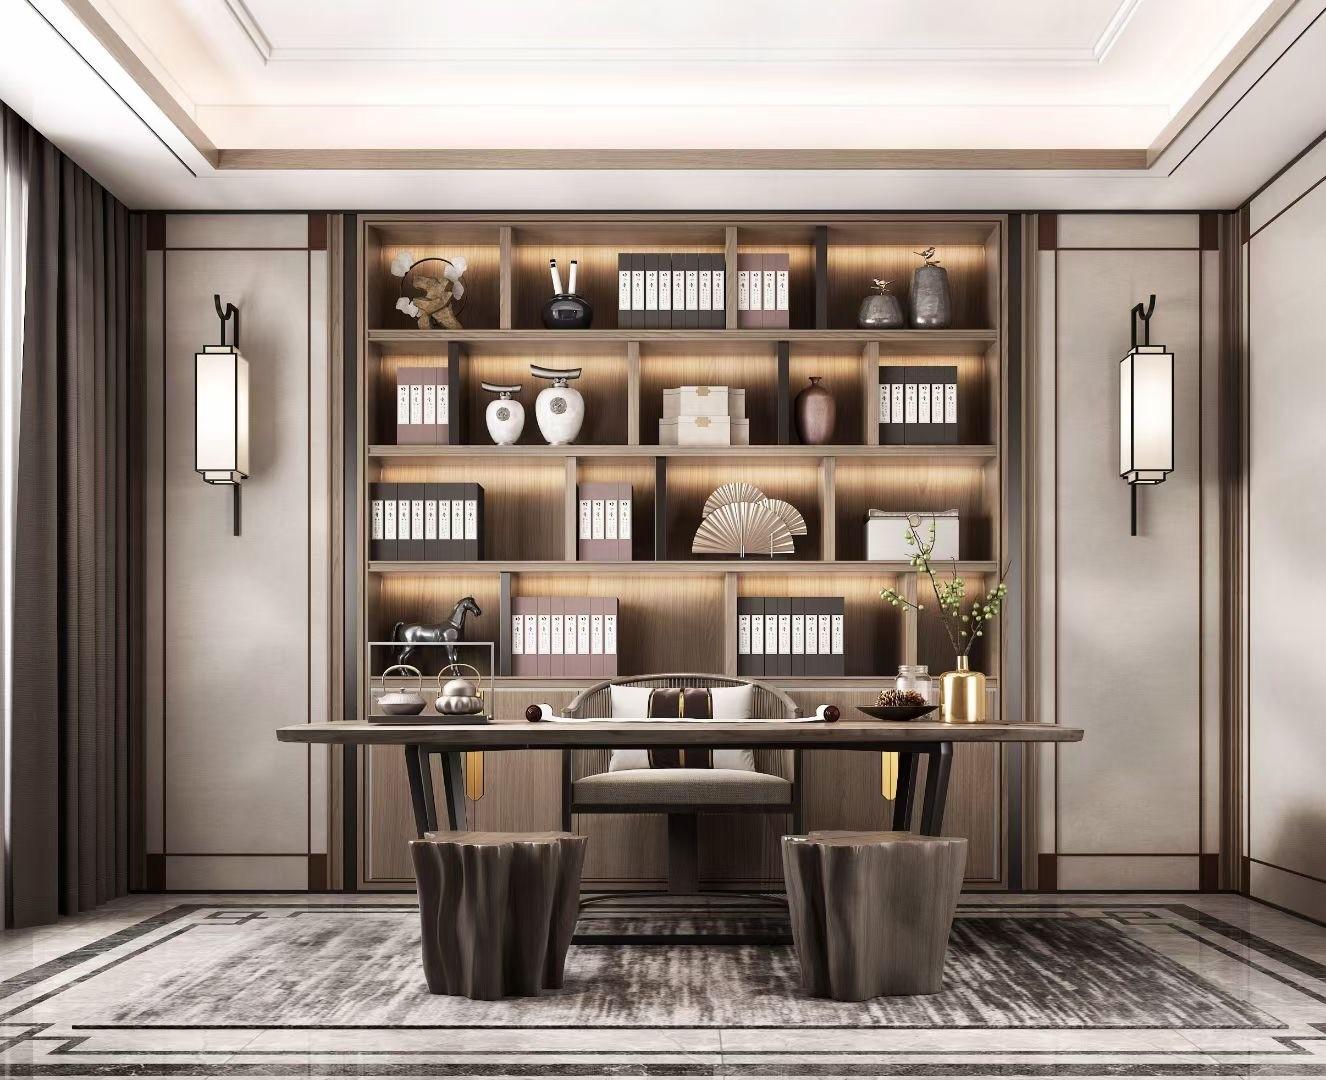 2021新中式客厅装修设计 2021新中式博古架装修图片